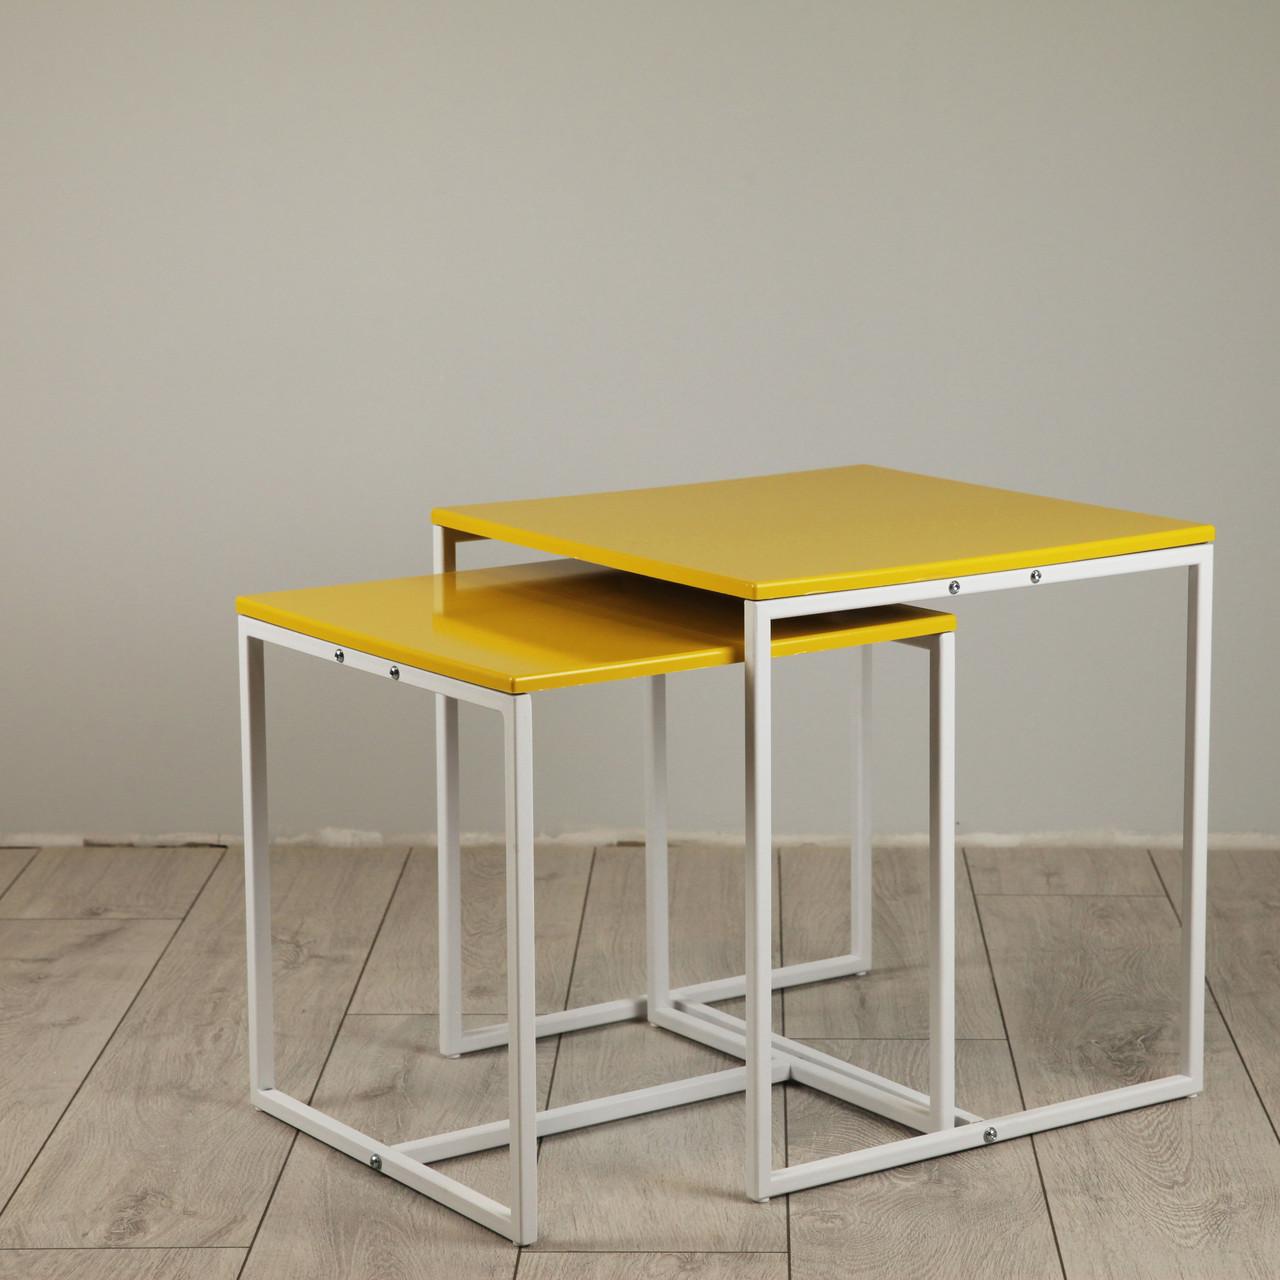 Комплект столов журнальных Куб 400 и Куб 450 - Желтый / белый (Loft Cub yellow-white)